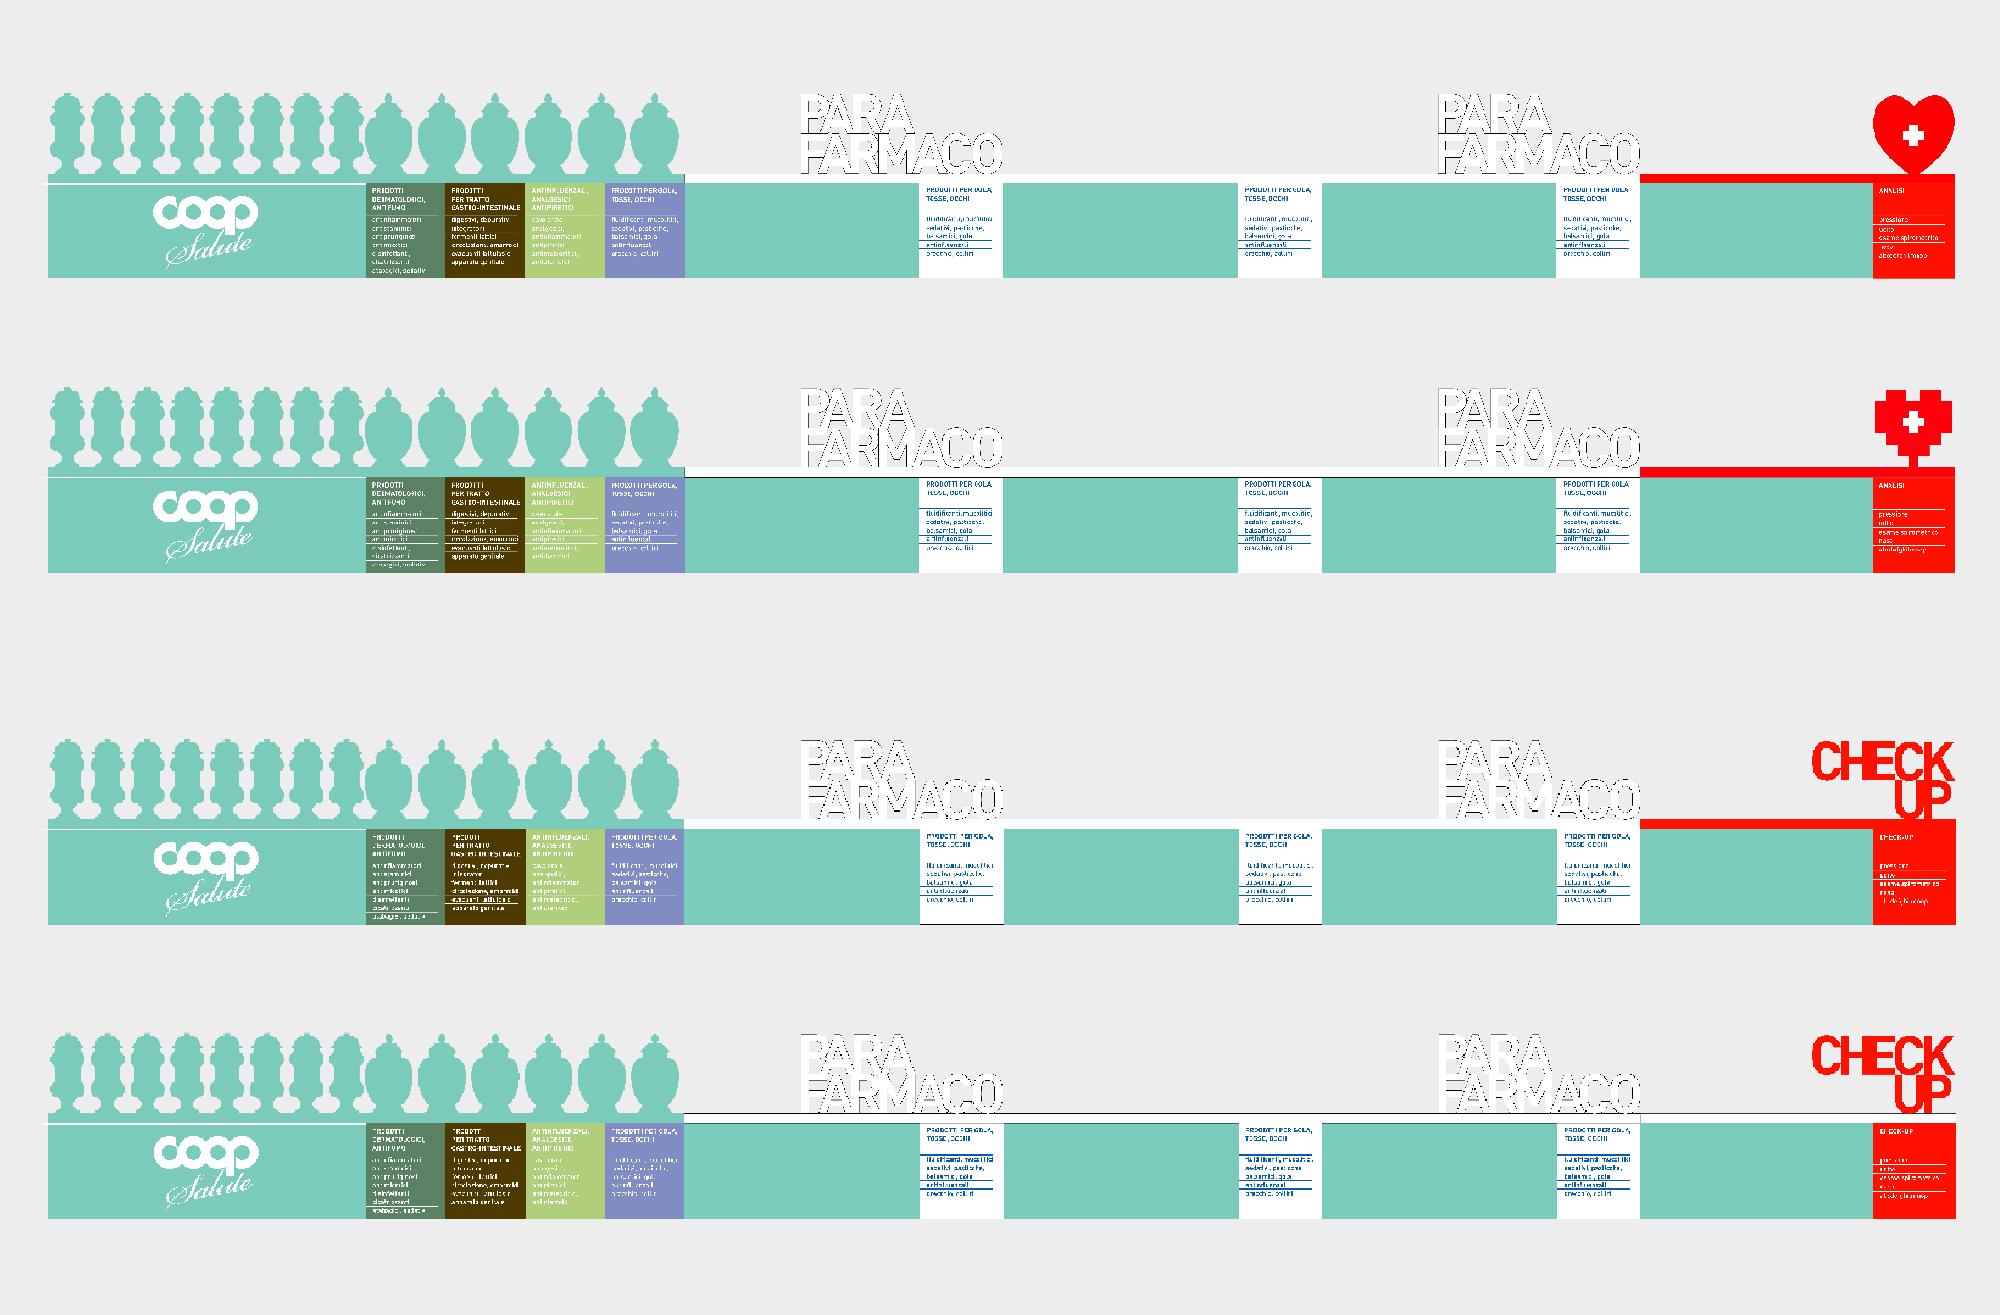 Farma-Coop-STUDI-7.jpg